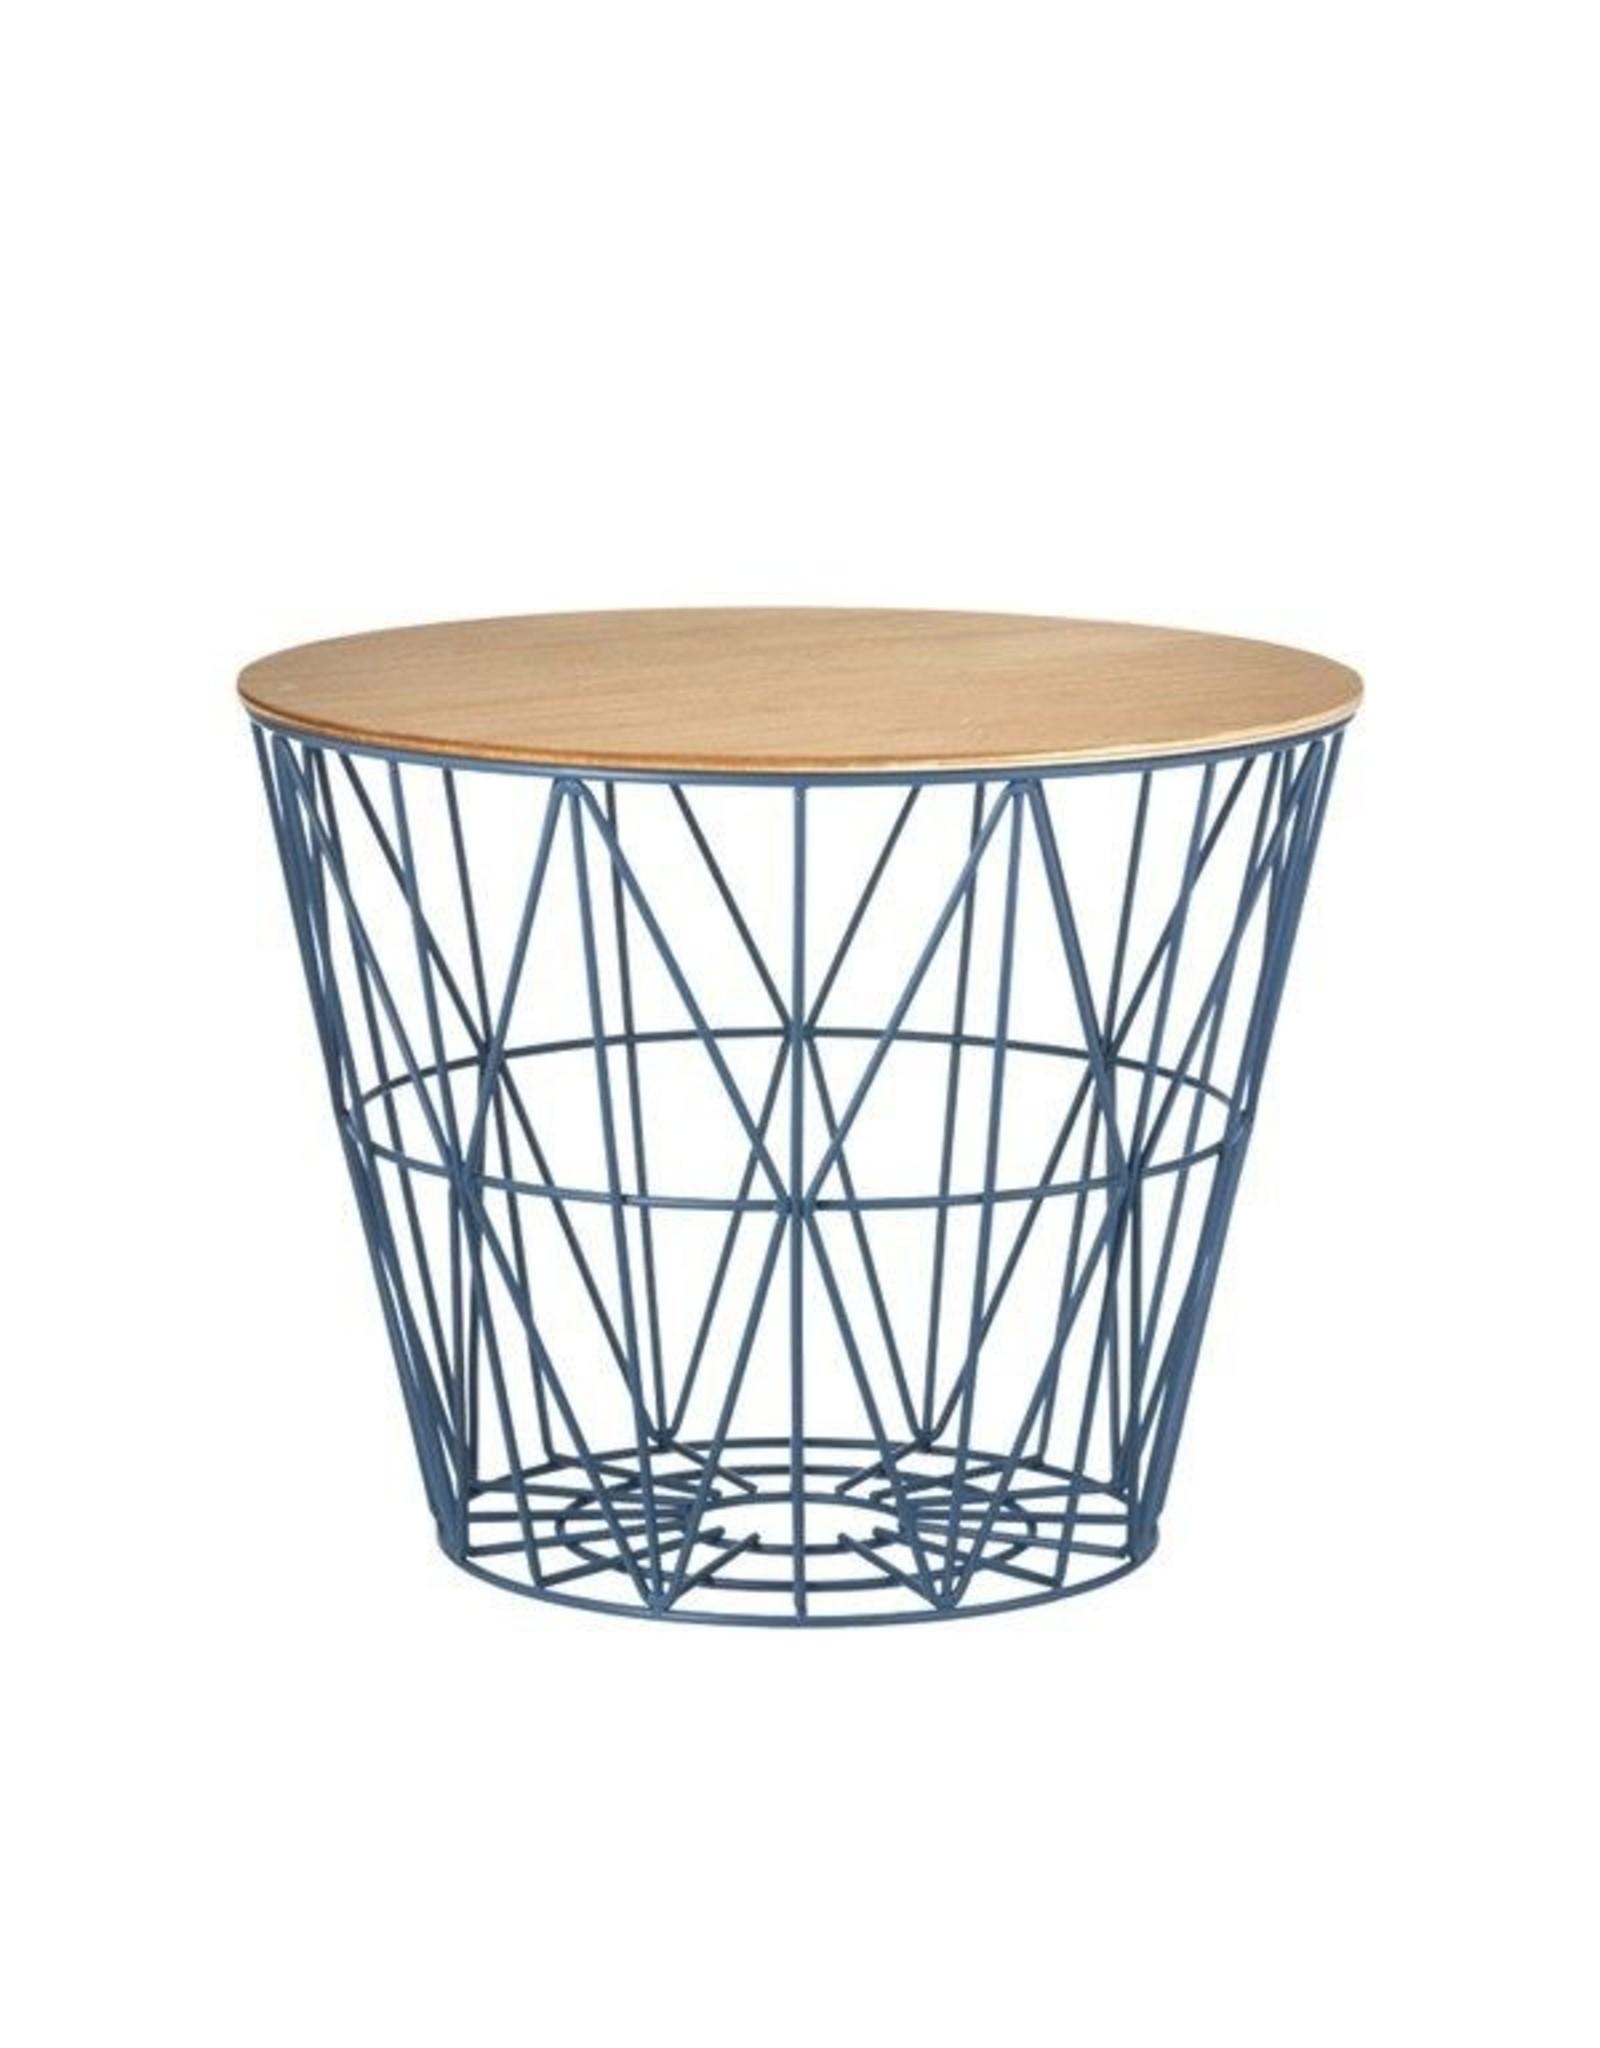 FERM LIVING Wire Basket Top large Oak